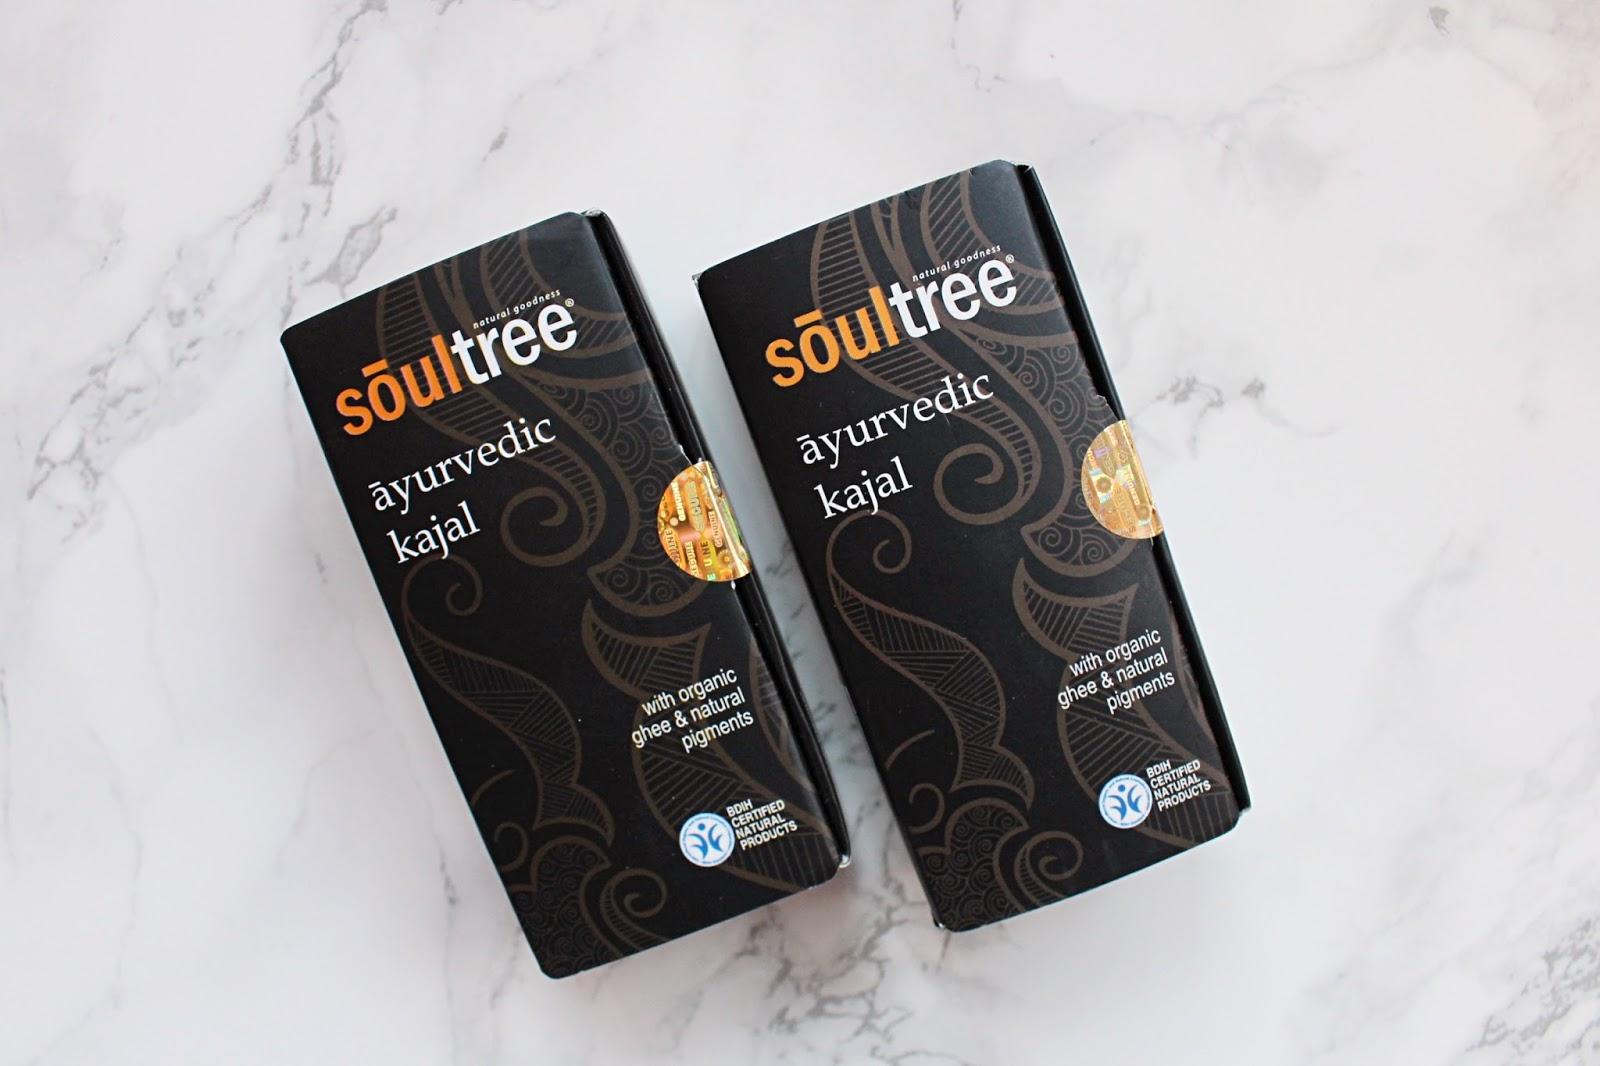 Soultree Kajal Eyeliners